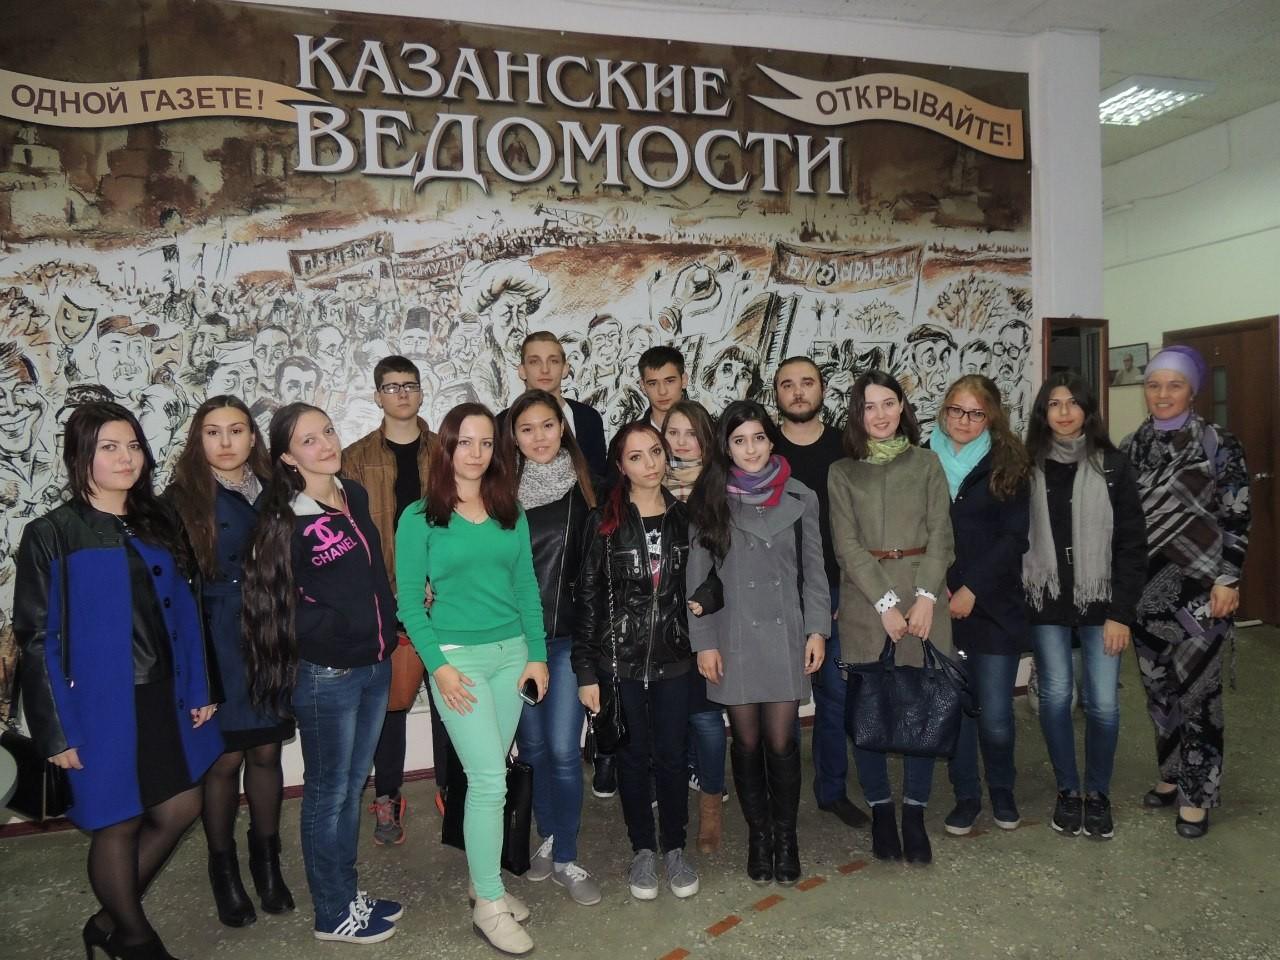 Экскурсия в редакцию газеты 'Казанские Ведомости'